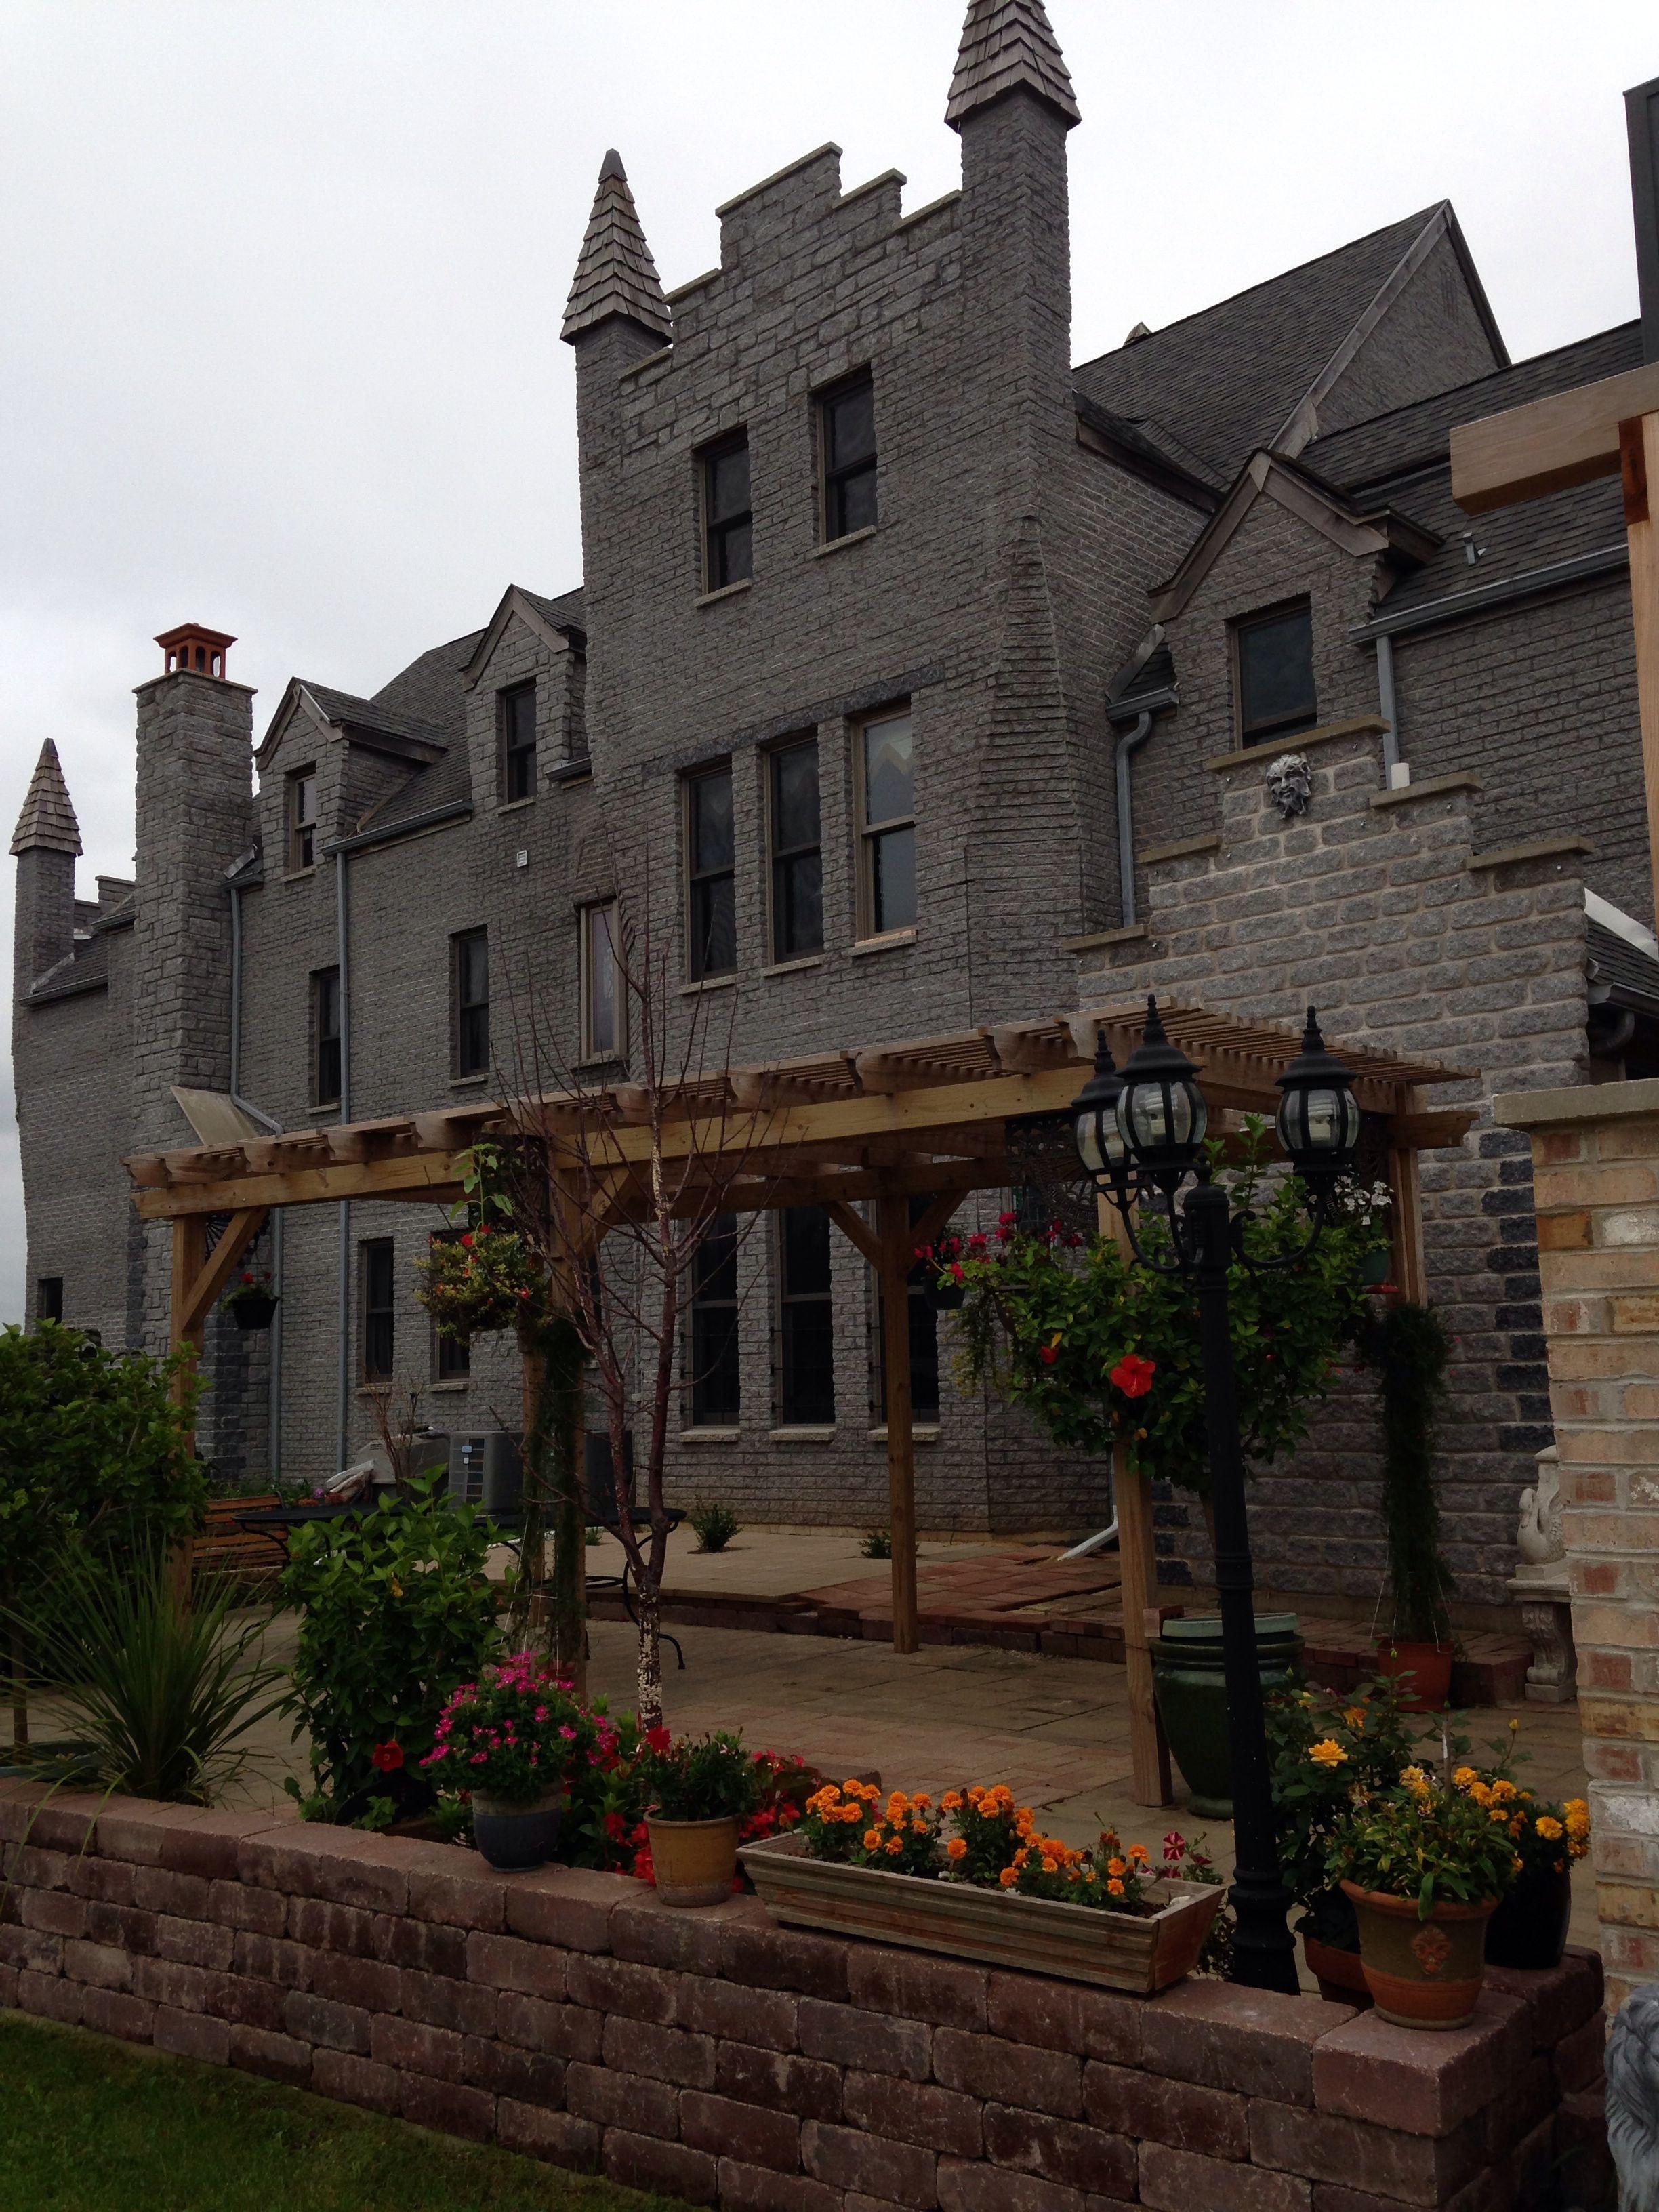 Raven stone Castle Bed & Breakfast Harvard IL Castle bed